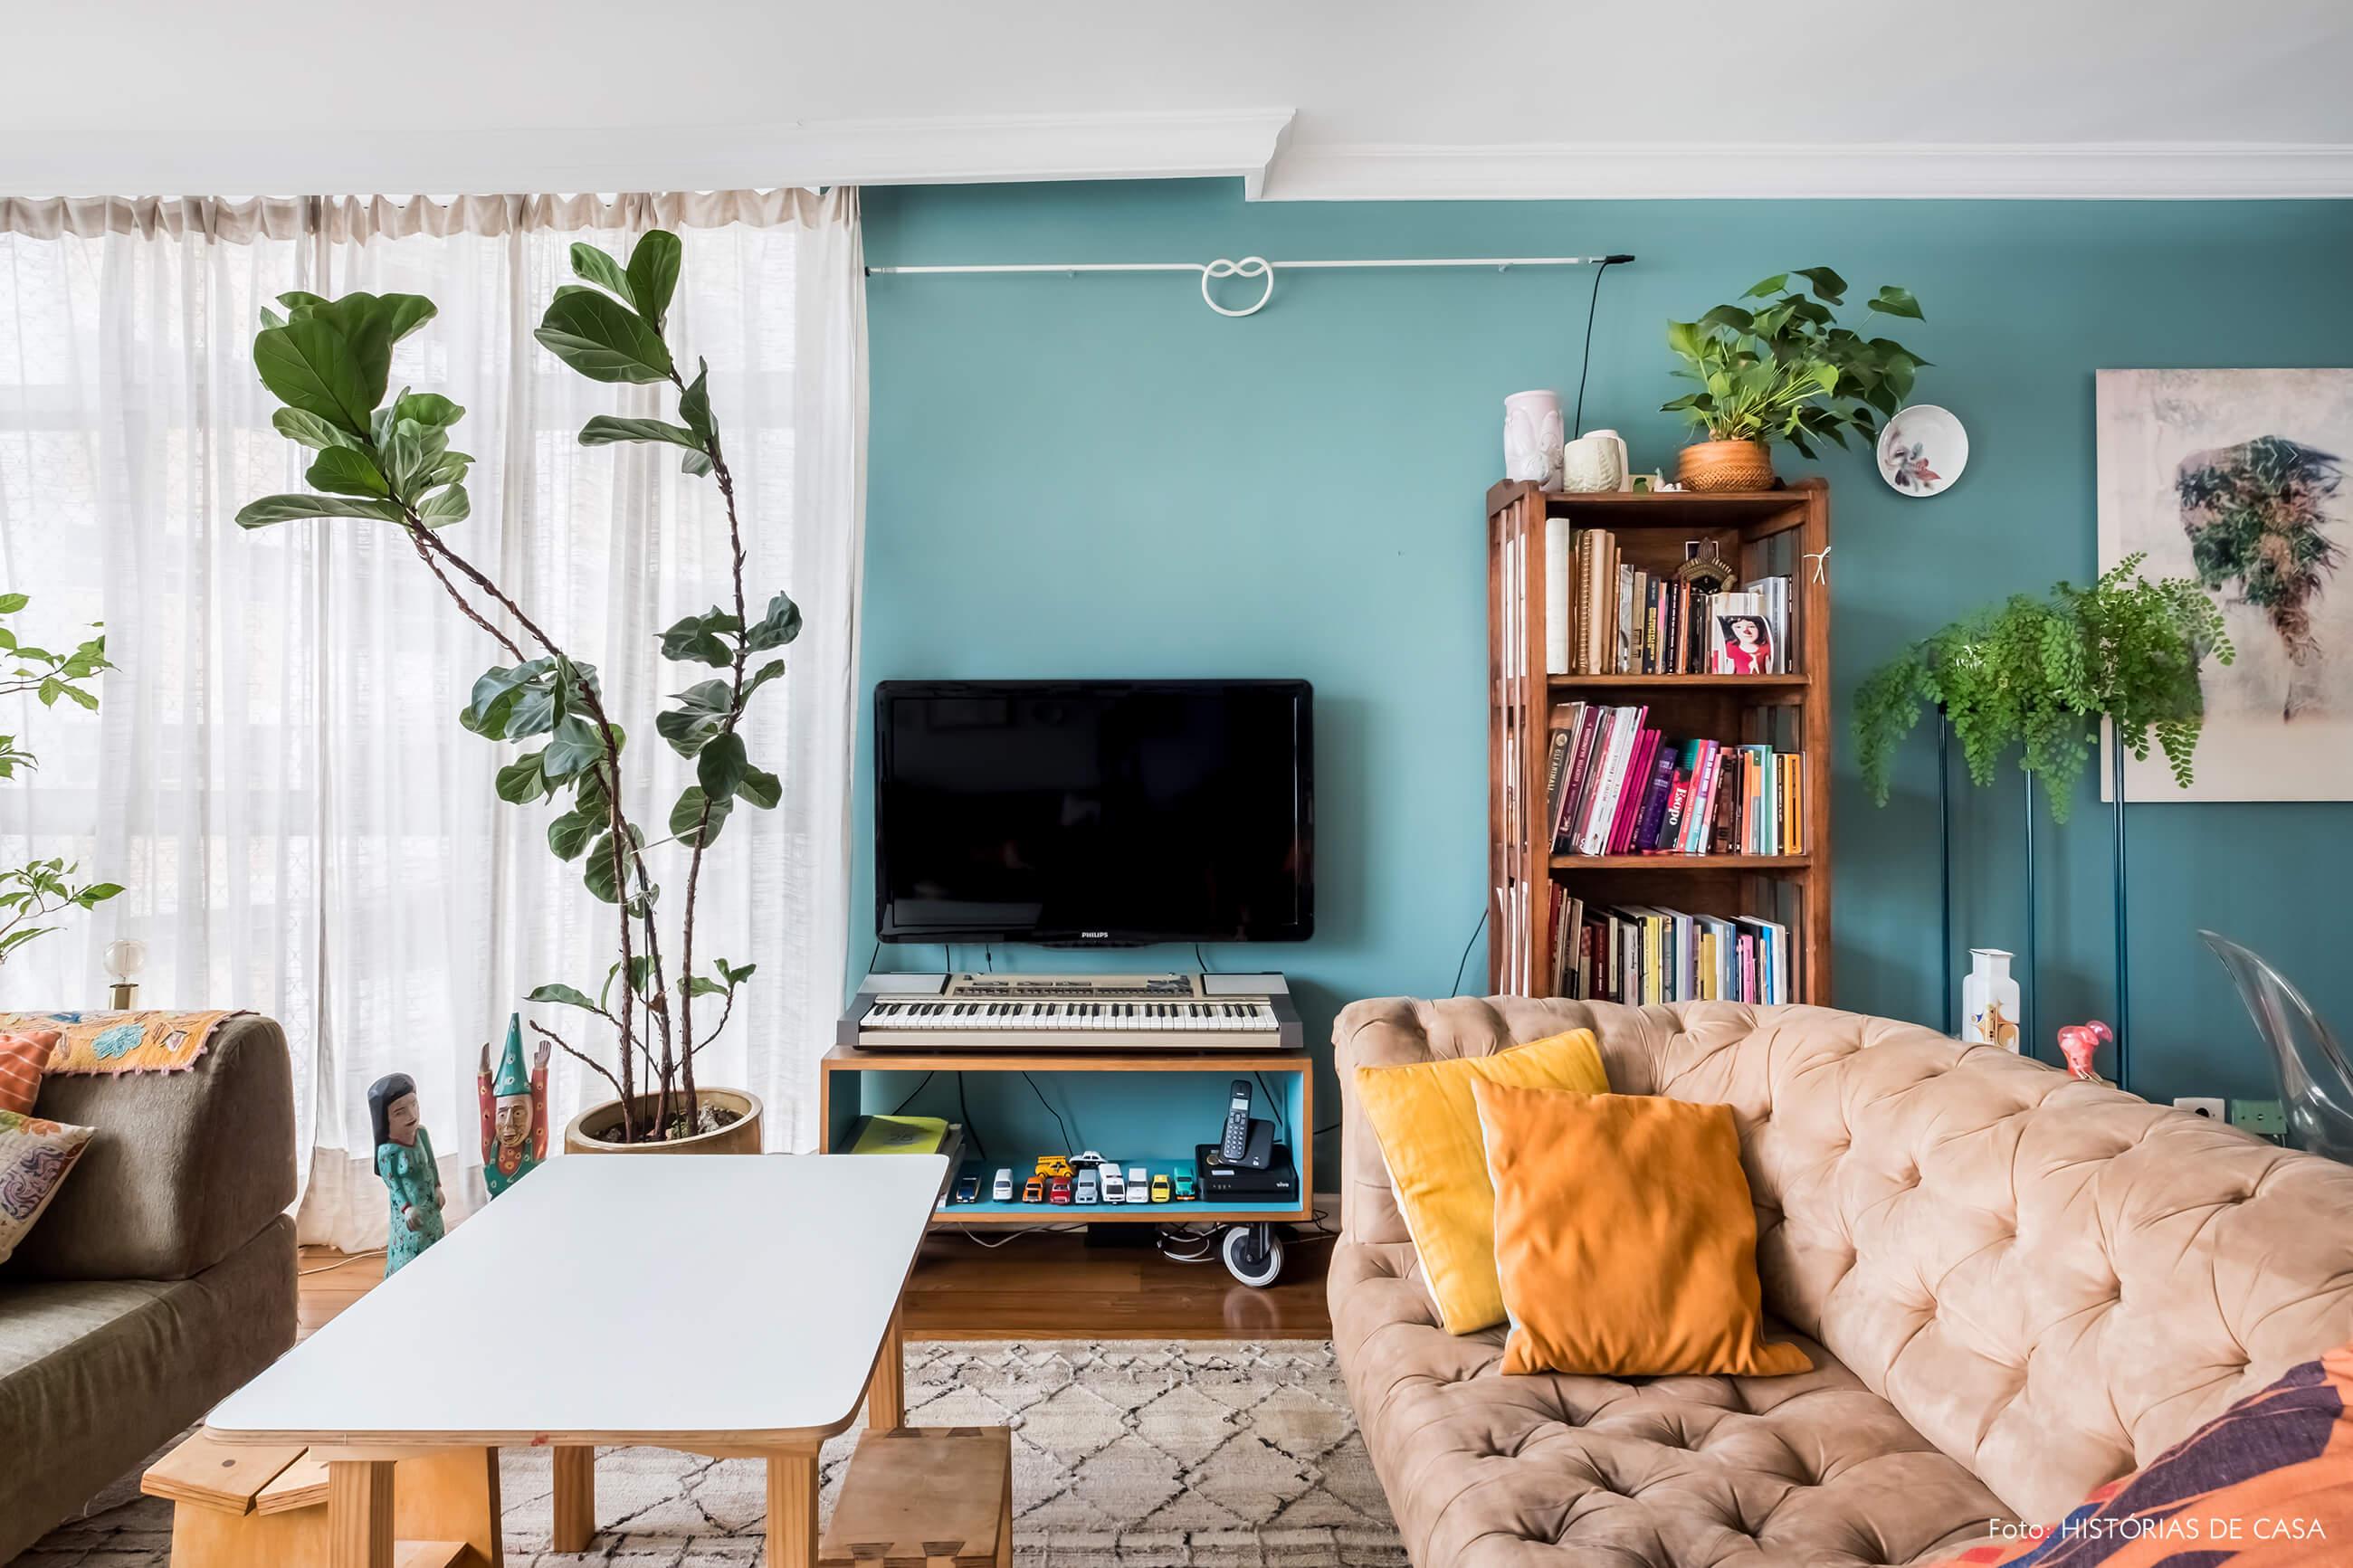 Sala com móveis garimpados e parede pintada de azul esverdeado